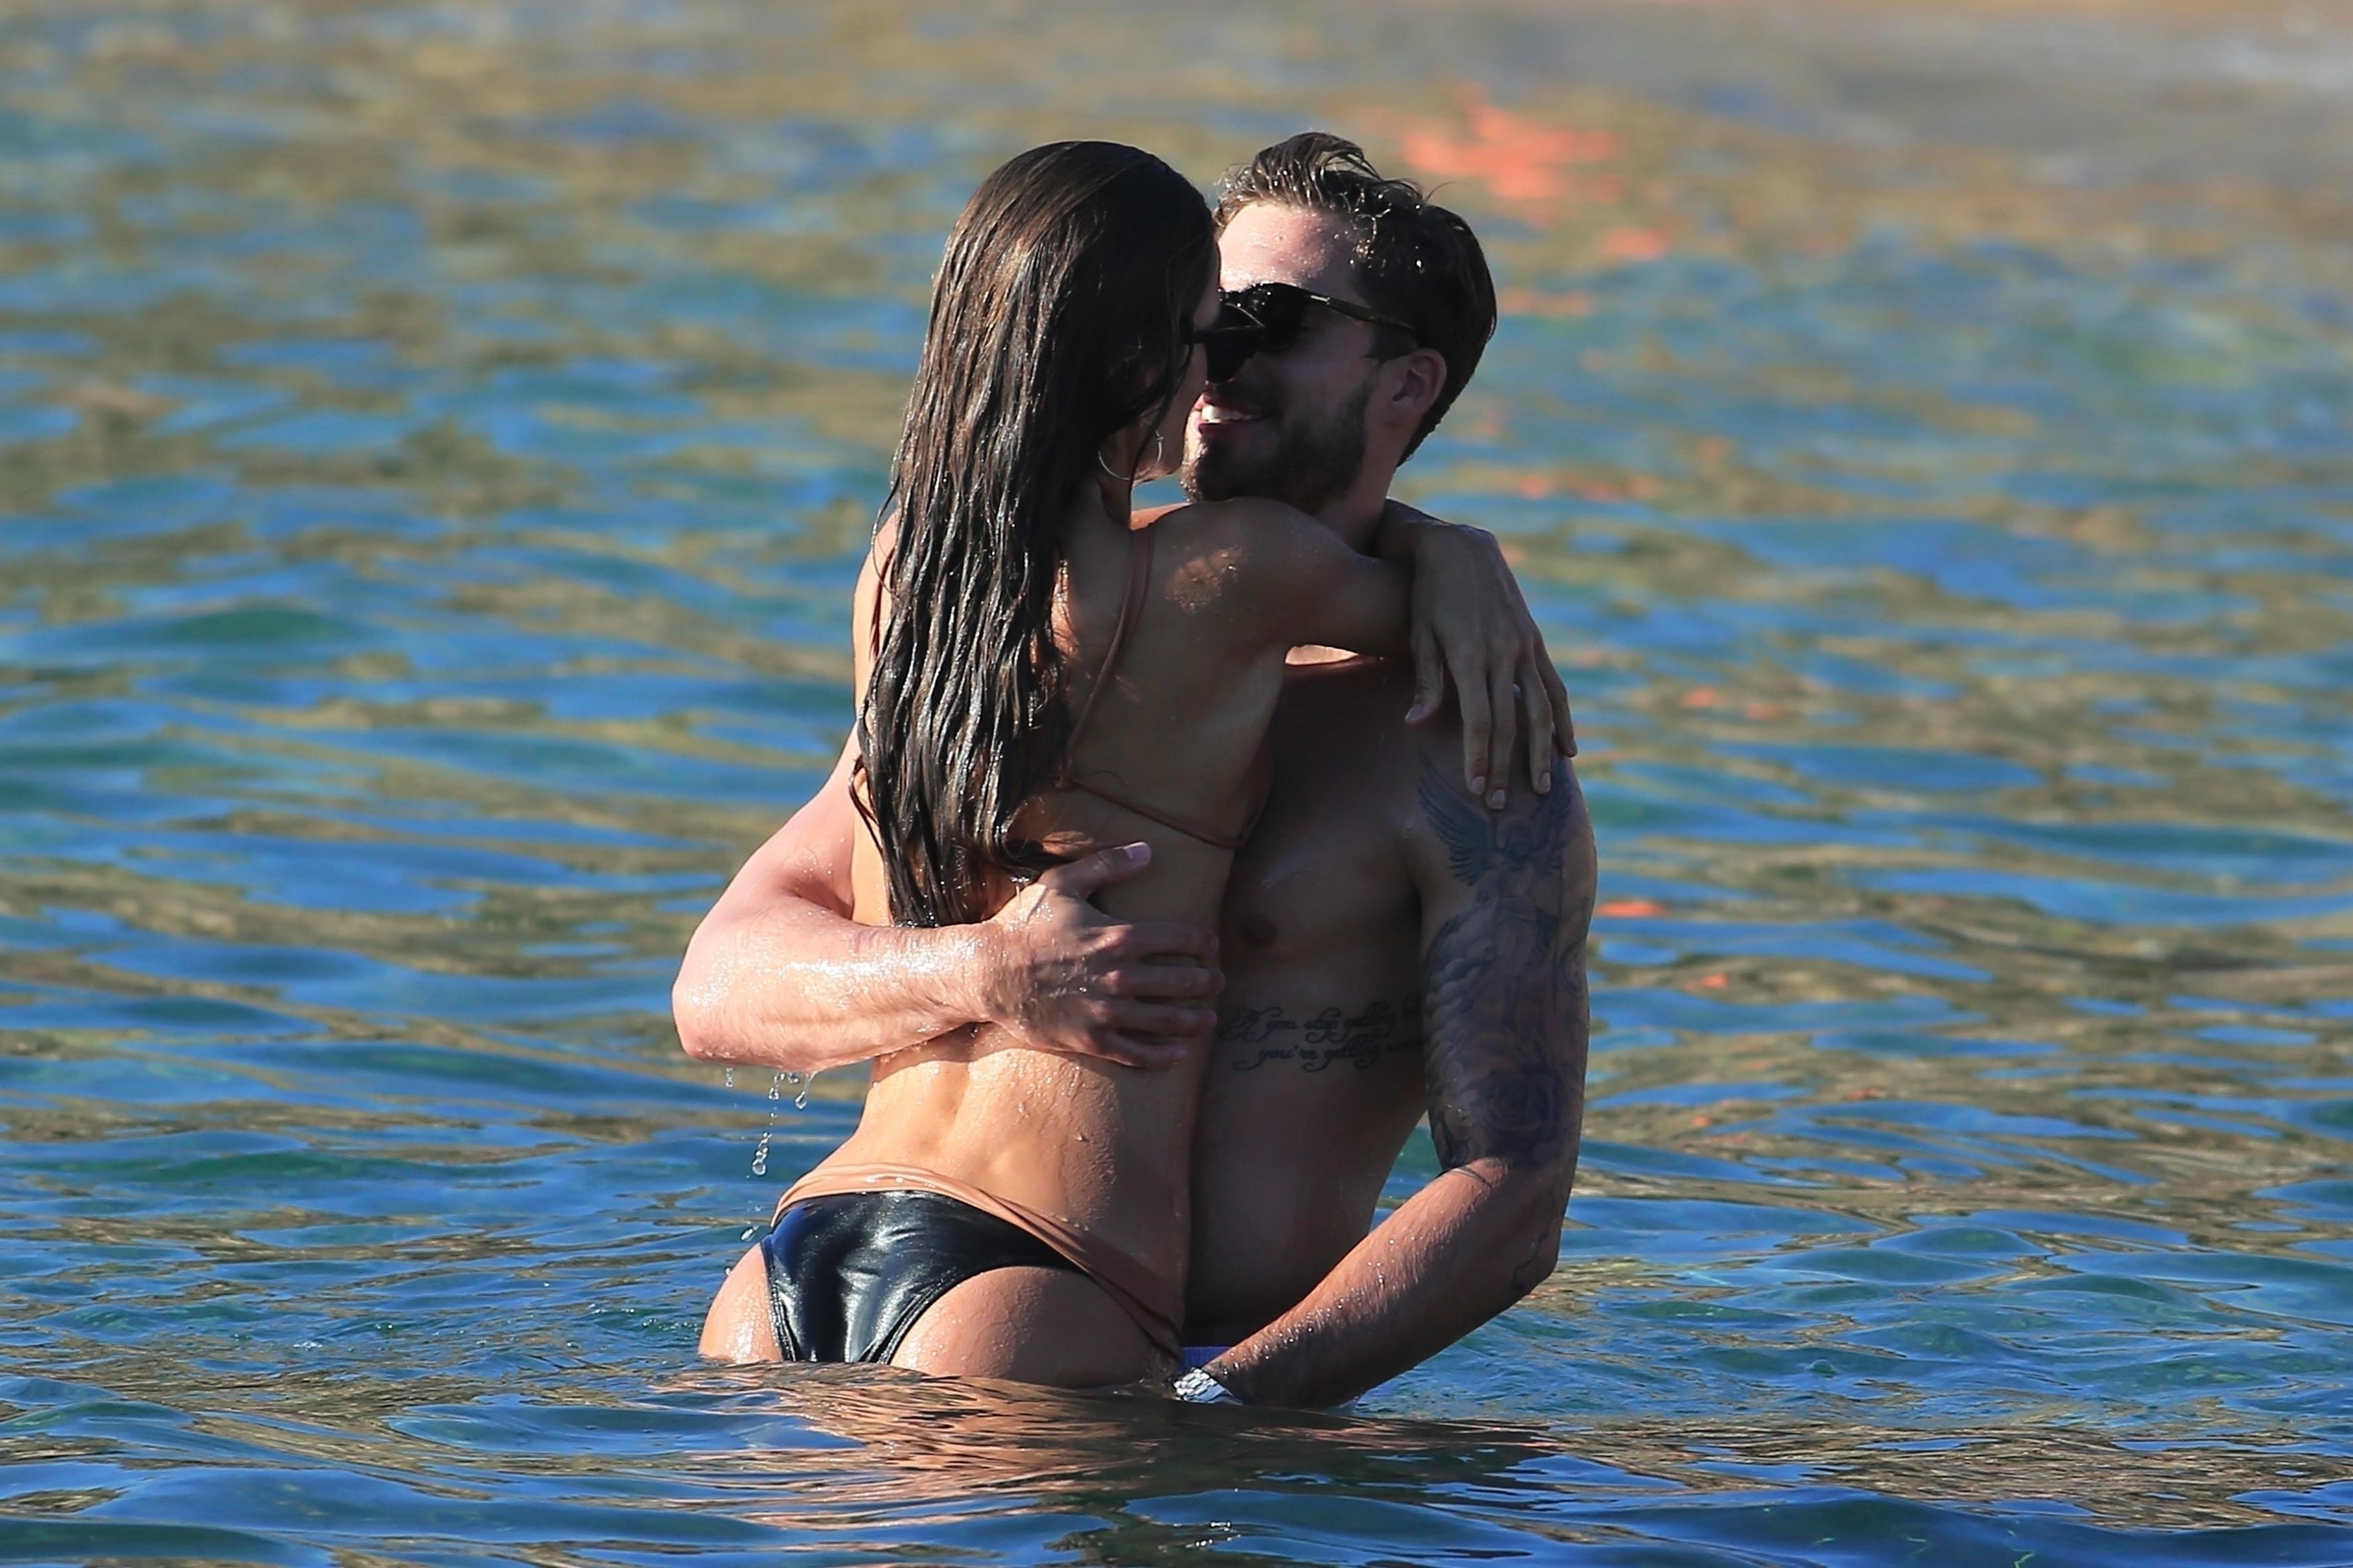 Ah, o amor! Iza Goulart faz a temperatura subir em dia de praia com Kevin Trapp  (Foto: AKM-GSI )